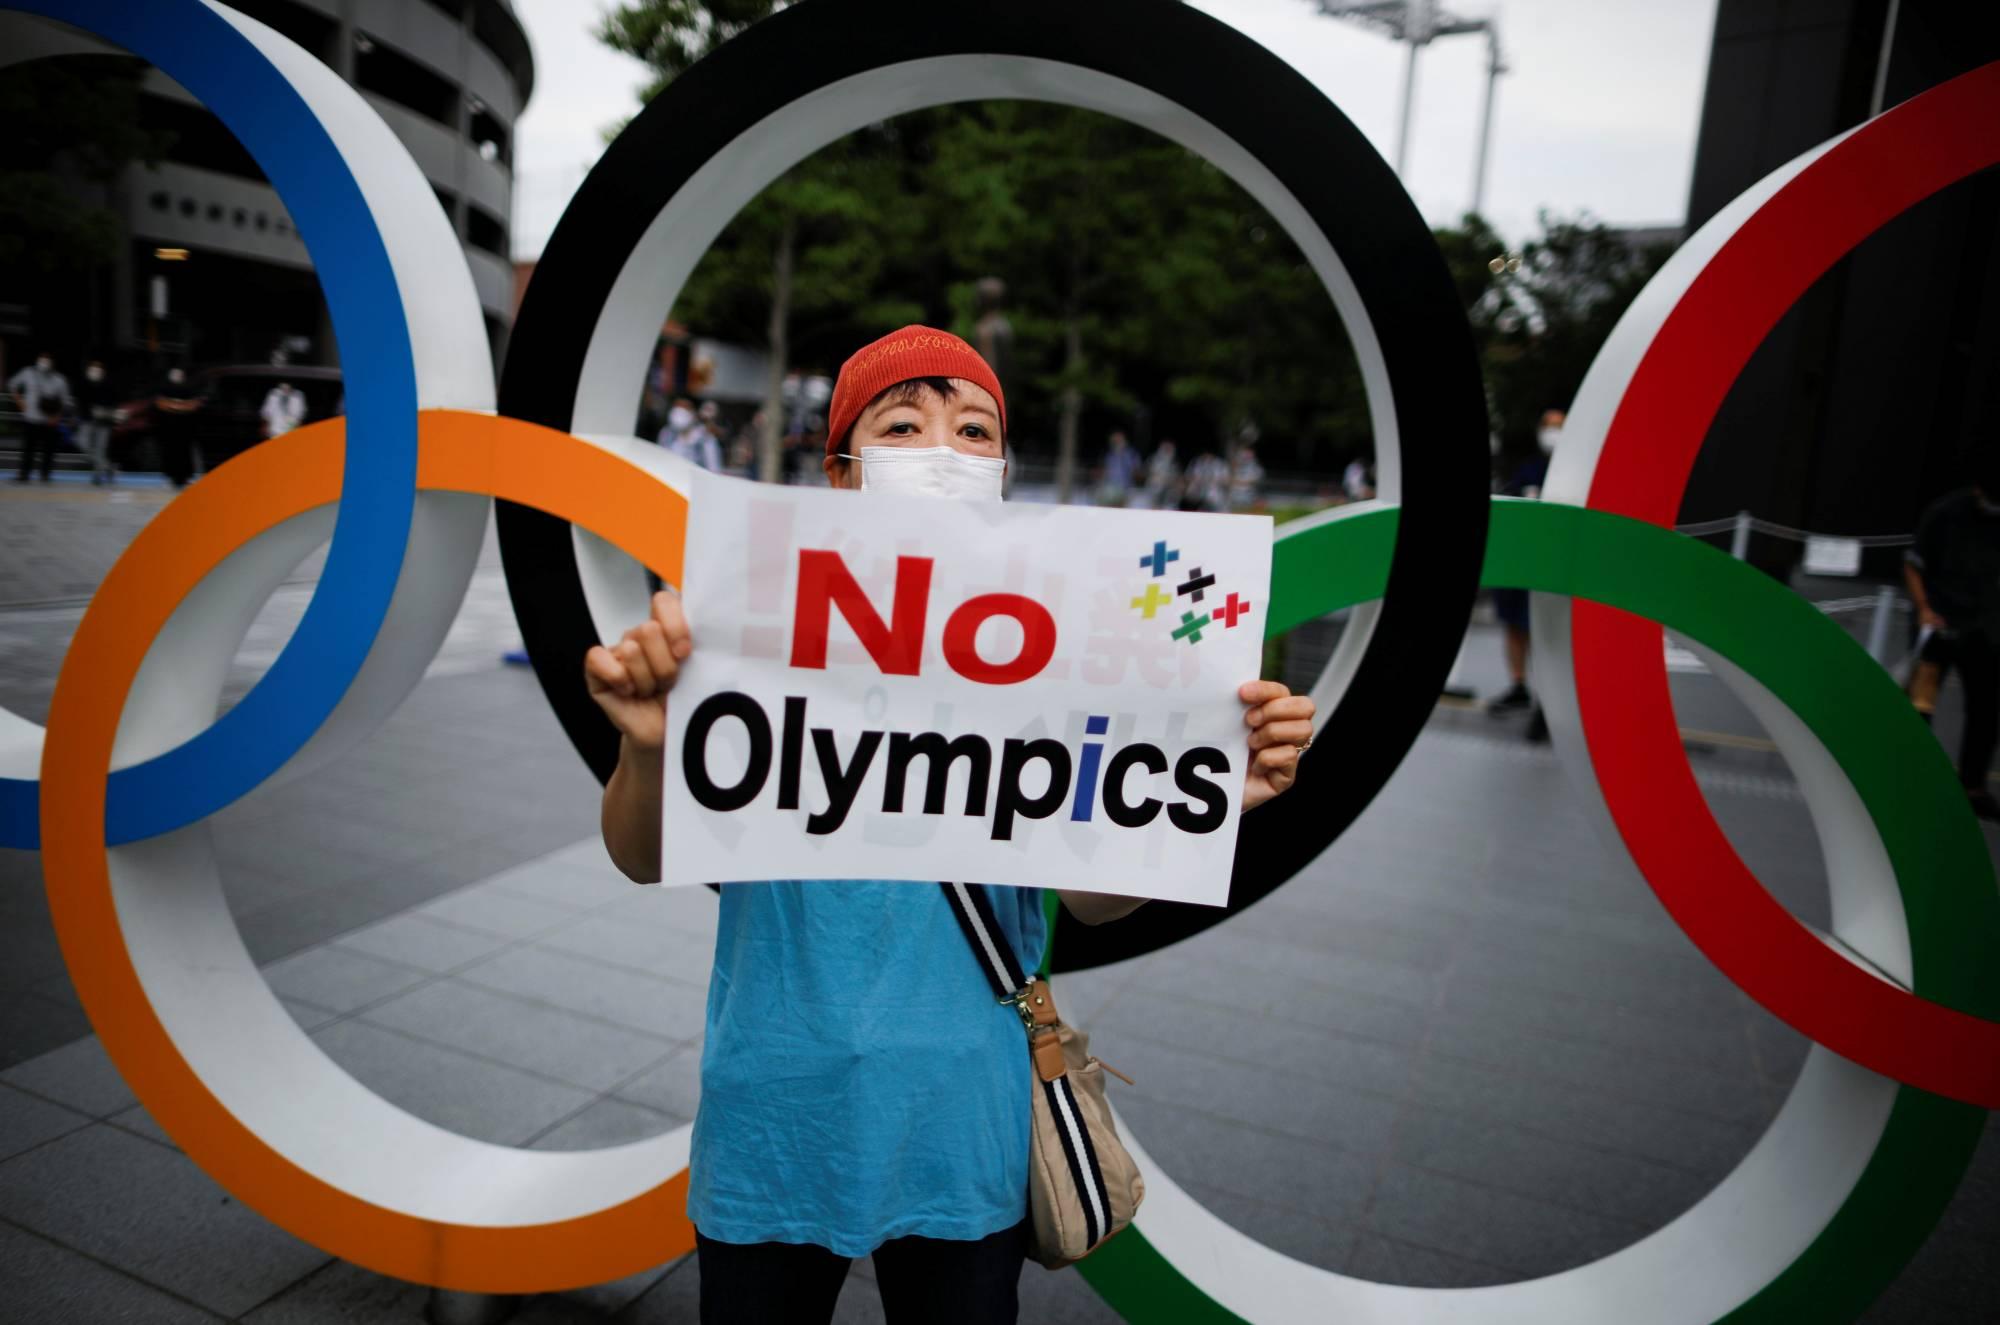 Los Juegos Olímpicos de Tokio 2021, amenazados por la rebelión de los  sanitarios japoneses - Segundo a Segundo - Noticias de Chihuahua